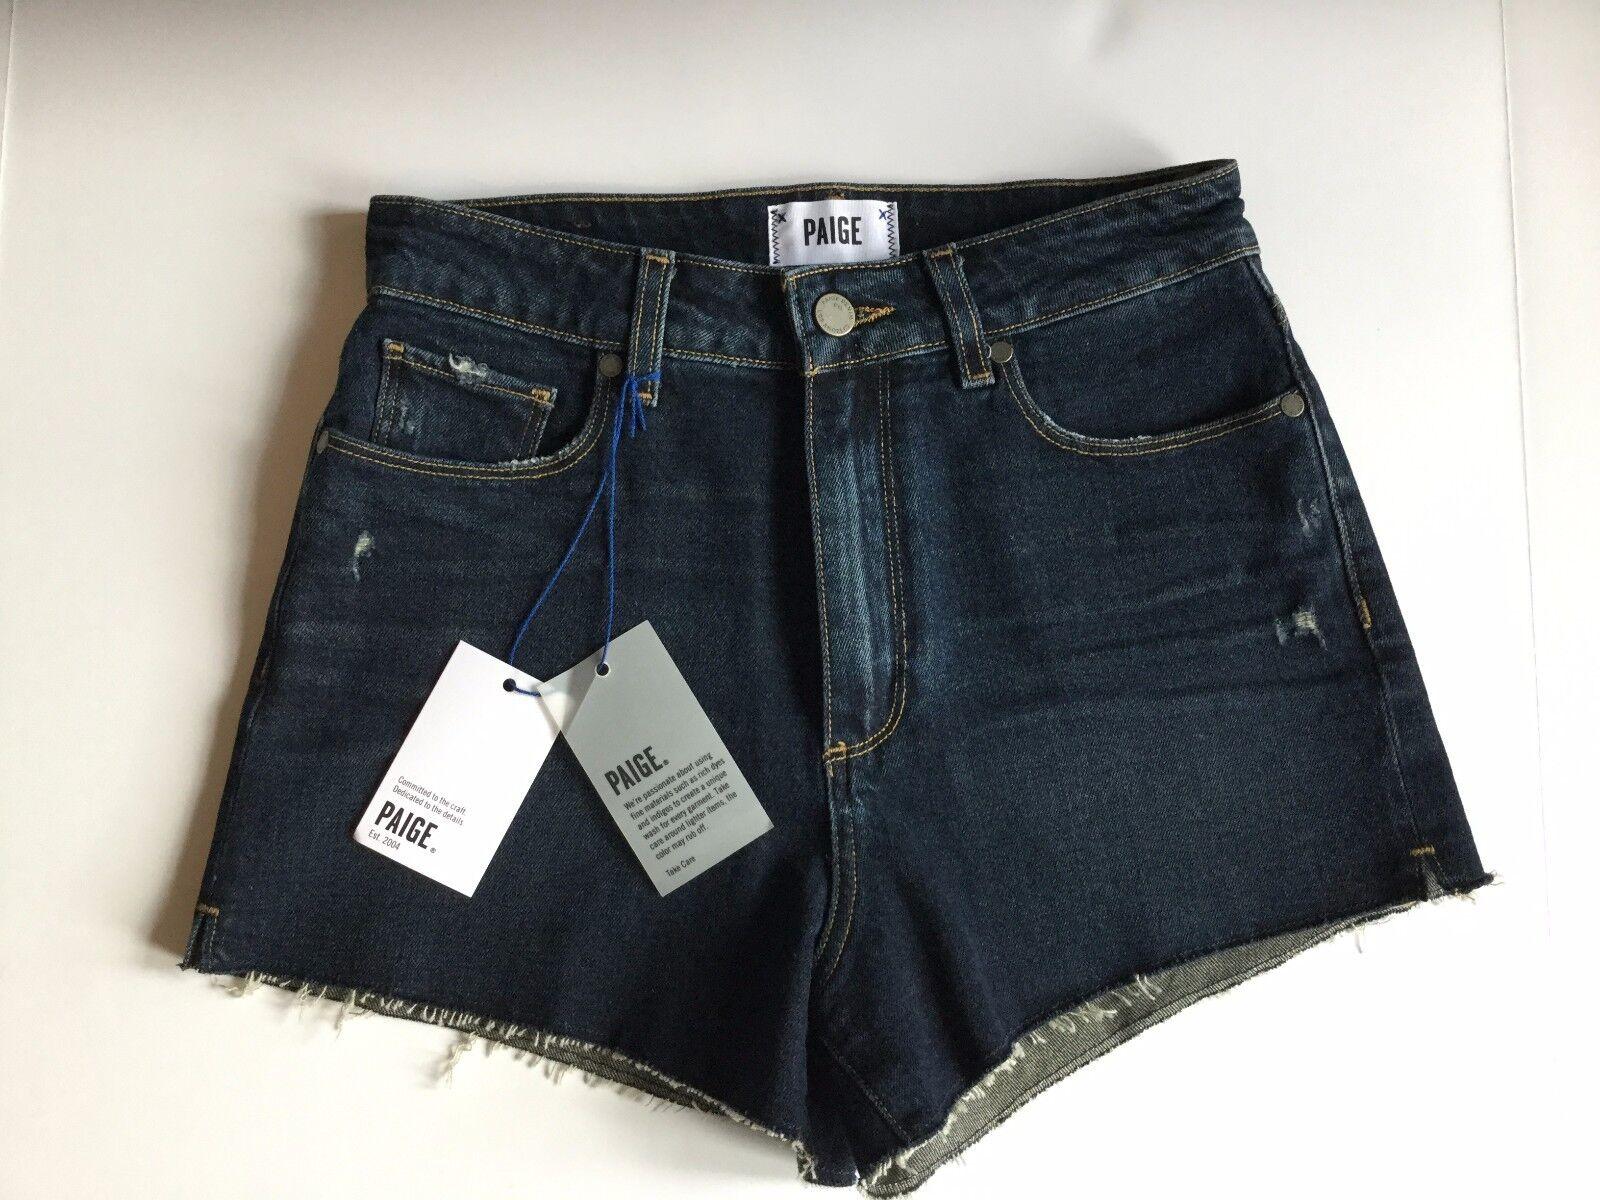 Neuf avec étiquettes Paige Jeans Sz29 Margot HIGH RISE RAW Hem Stretch courte Titus déstructurée